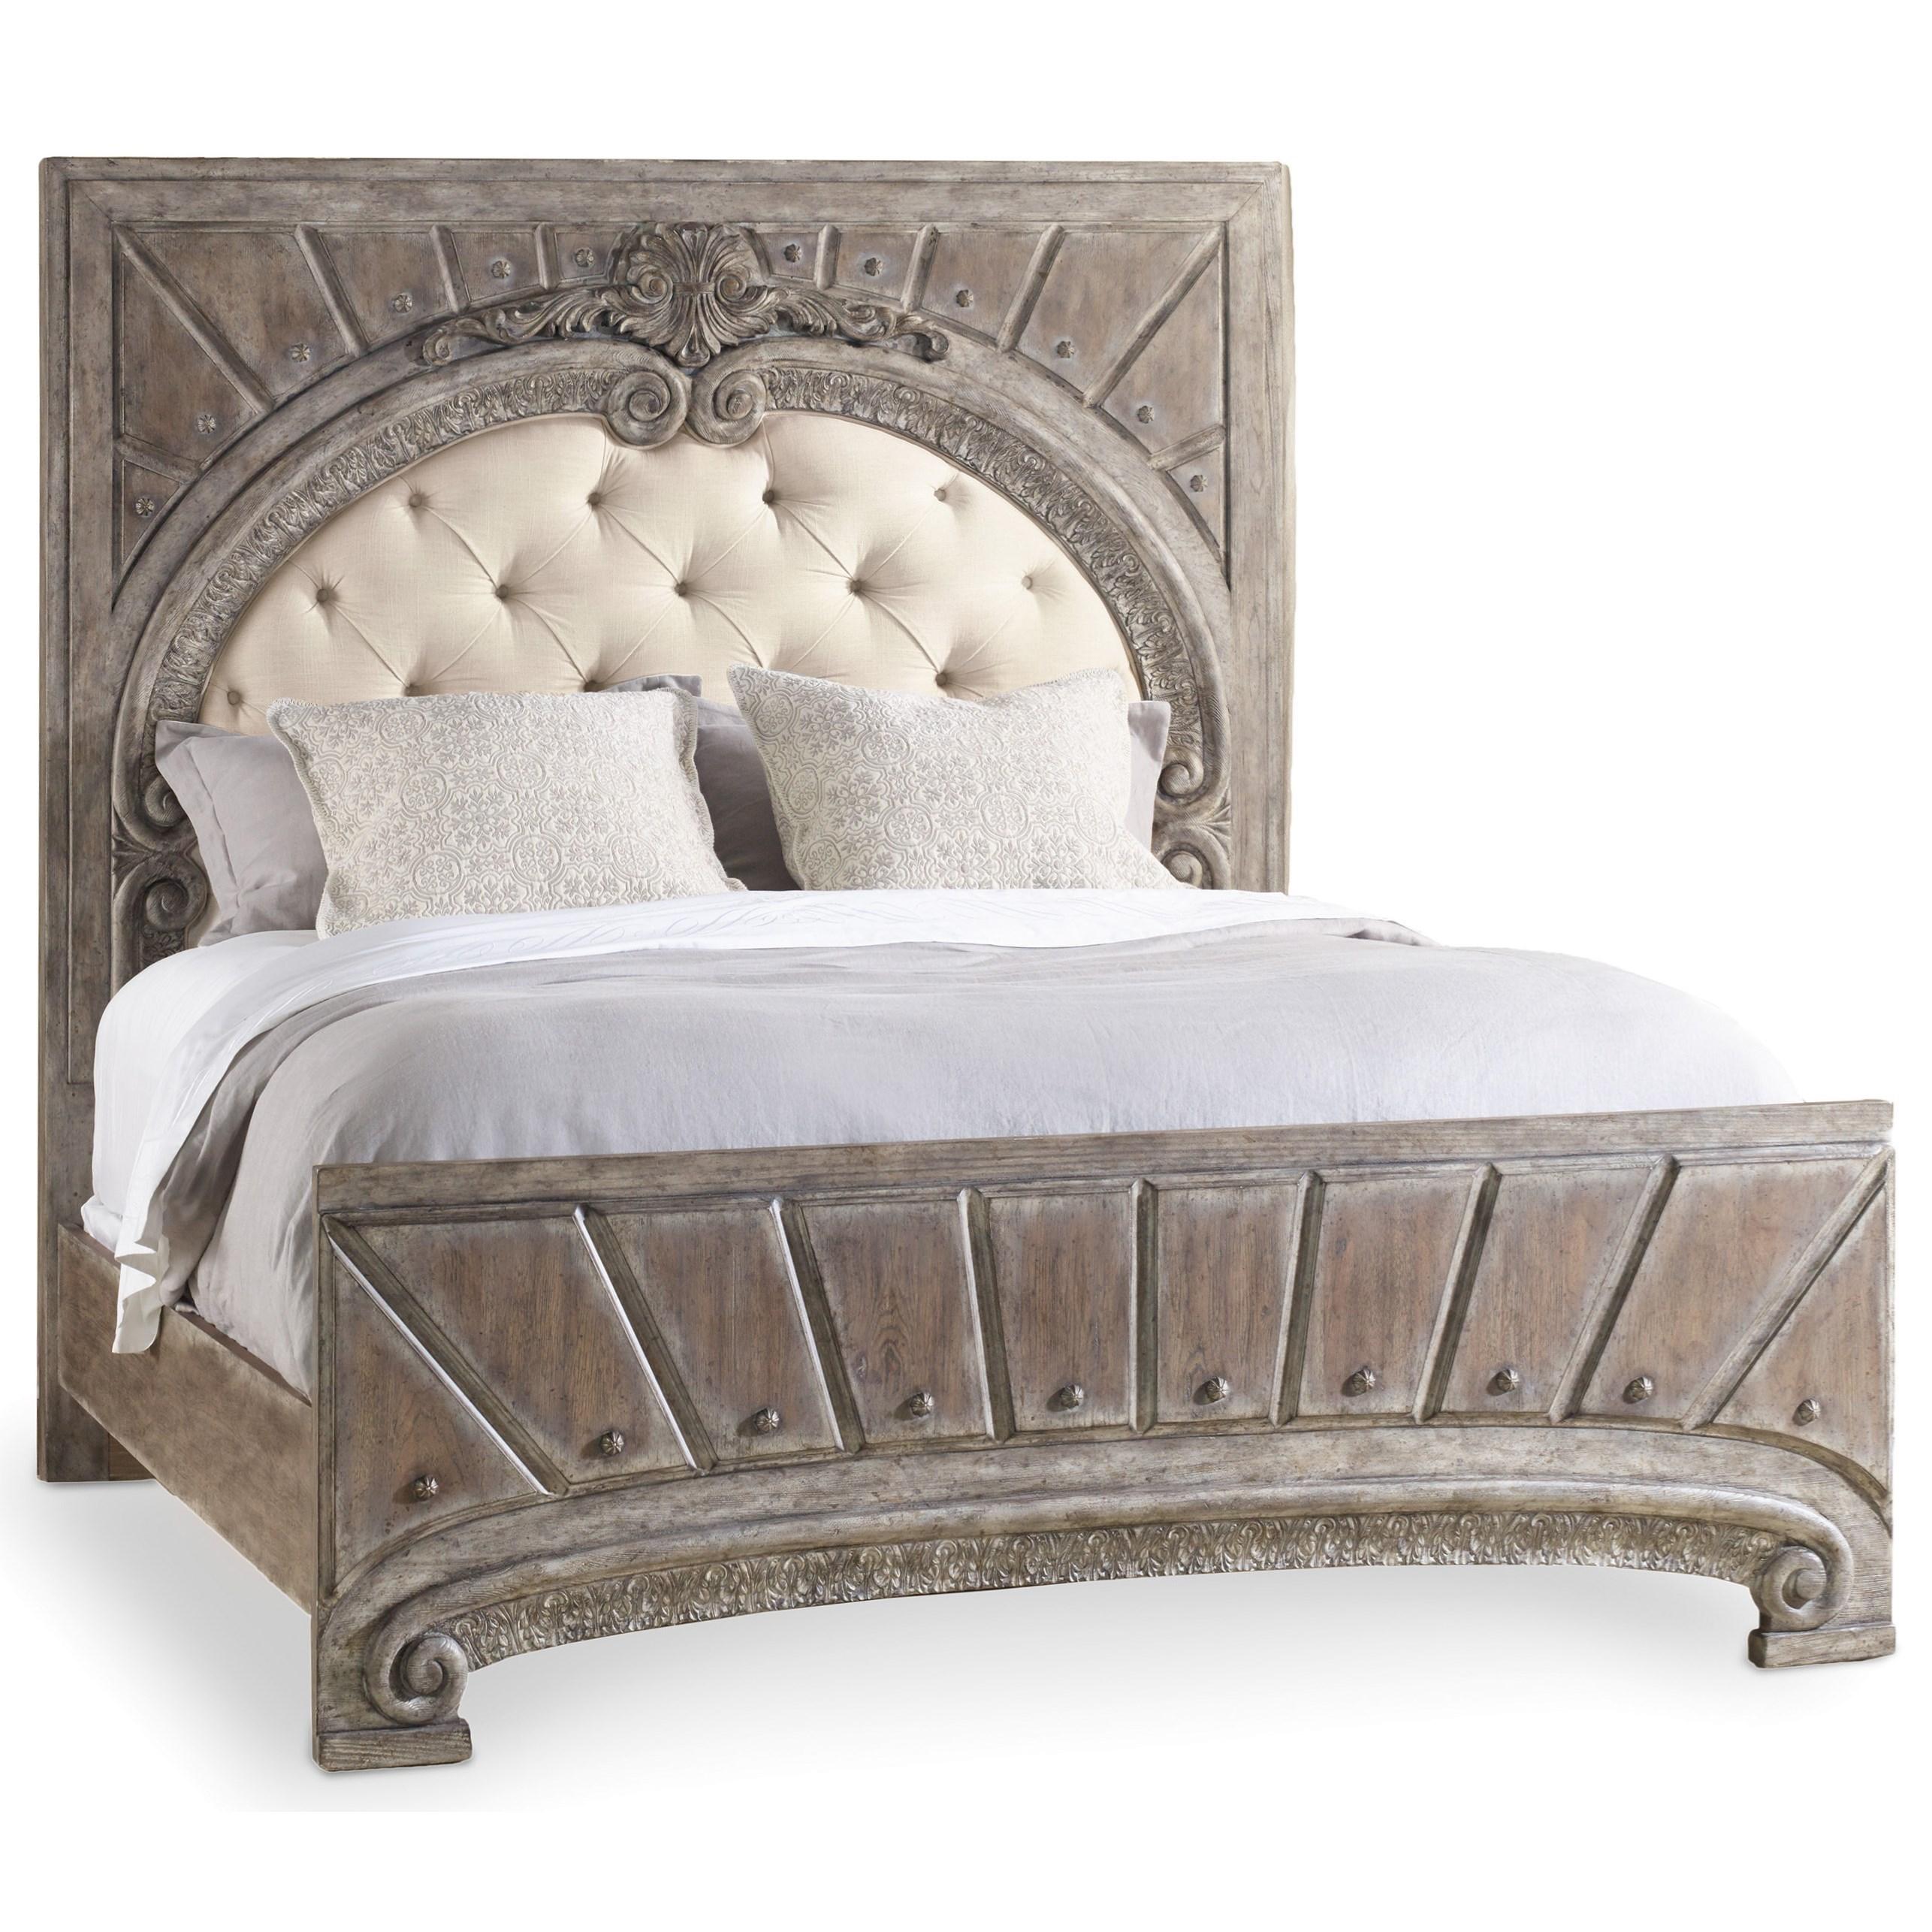 Hooker Furniture True Vintage California King Upholstered Panel Bed - Item Number: 5701-90860